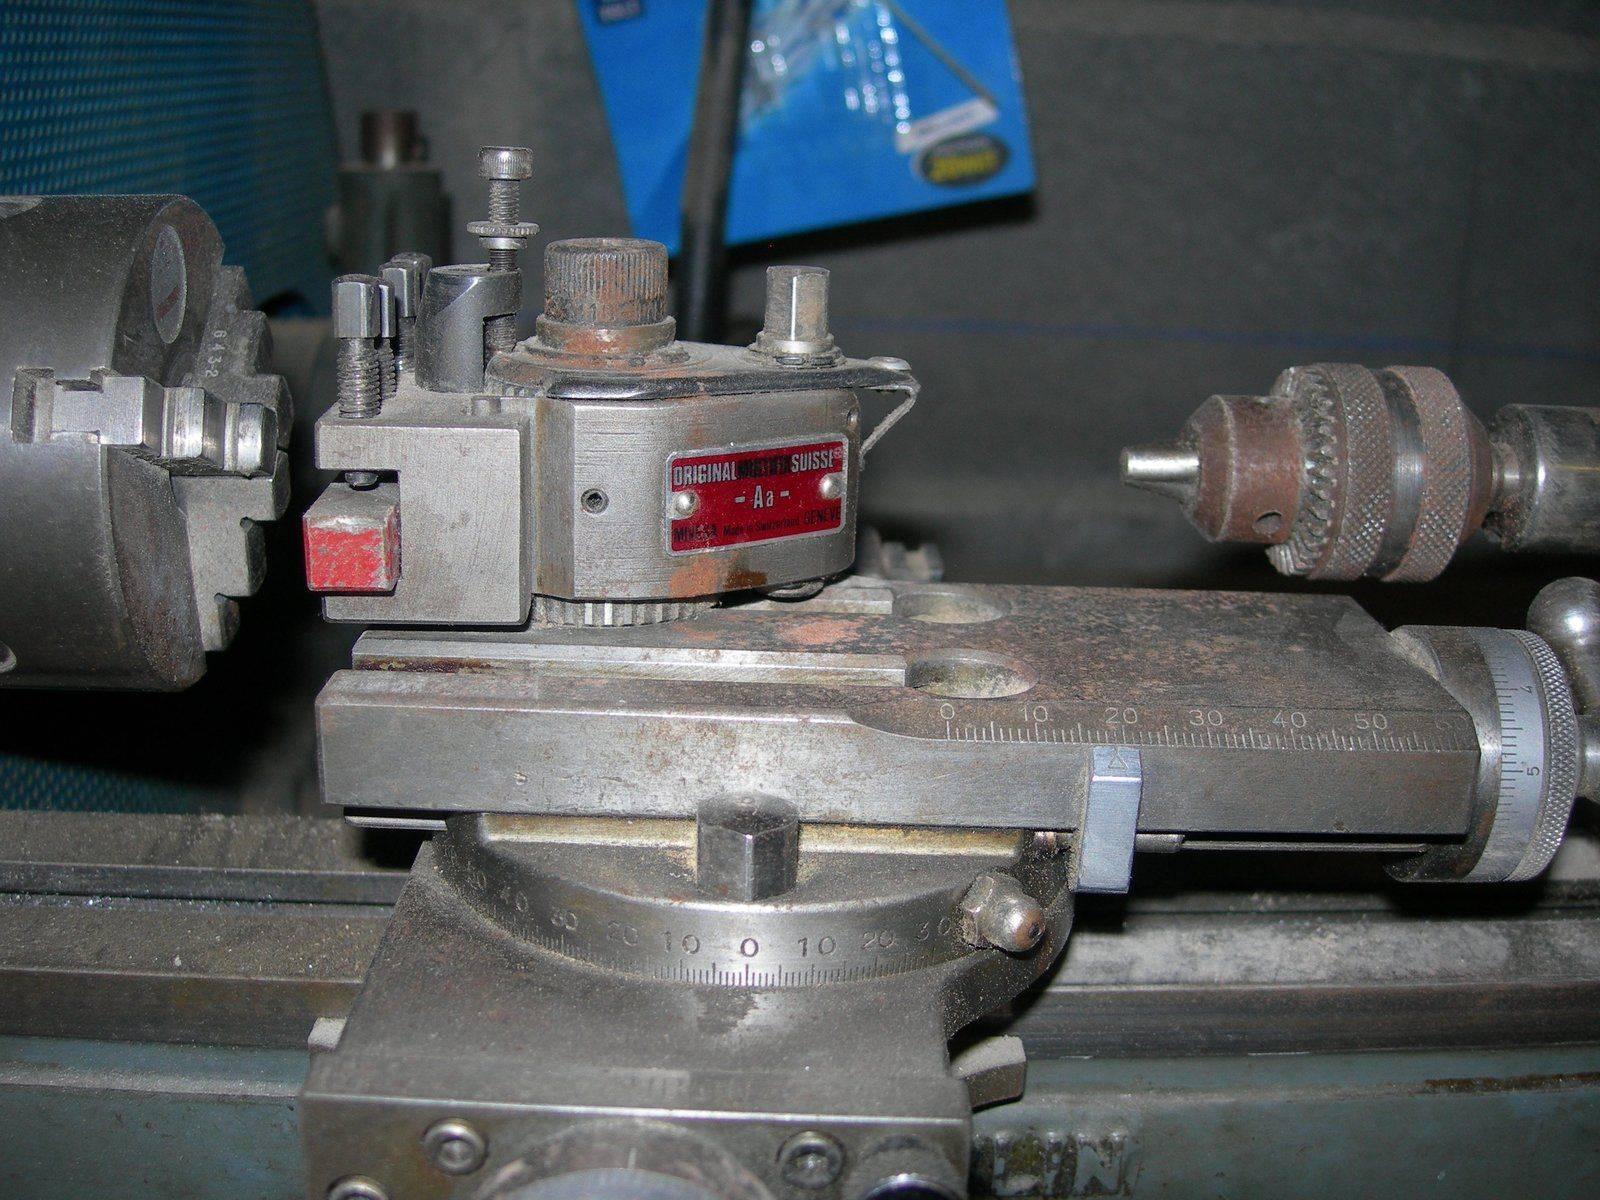 DSCN4459.JPG